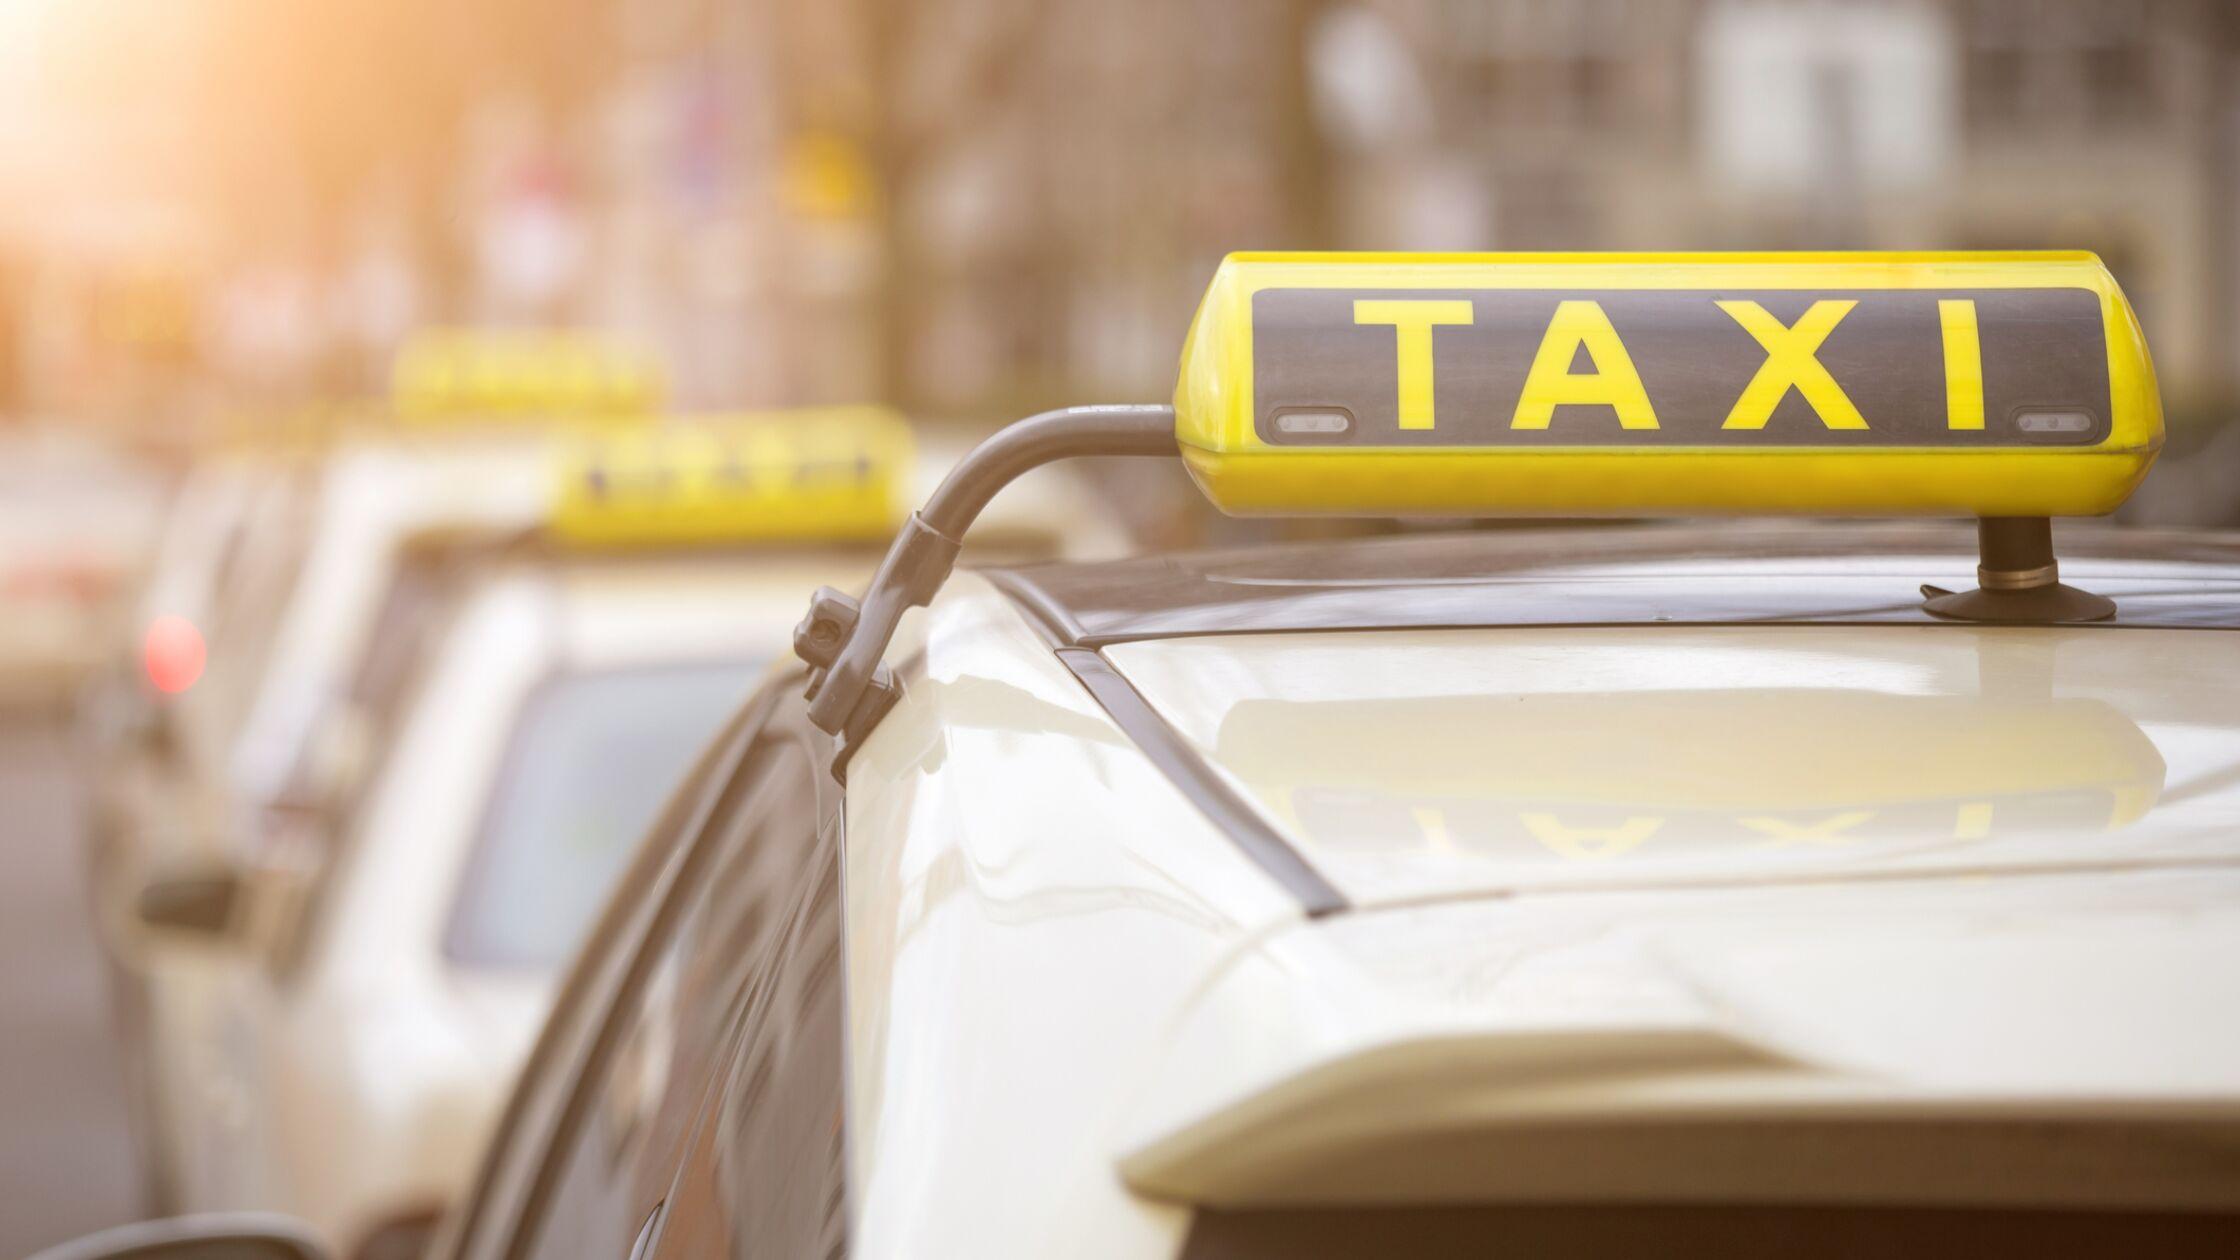 Möbel mit dem Taxi transportieren – geht das?